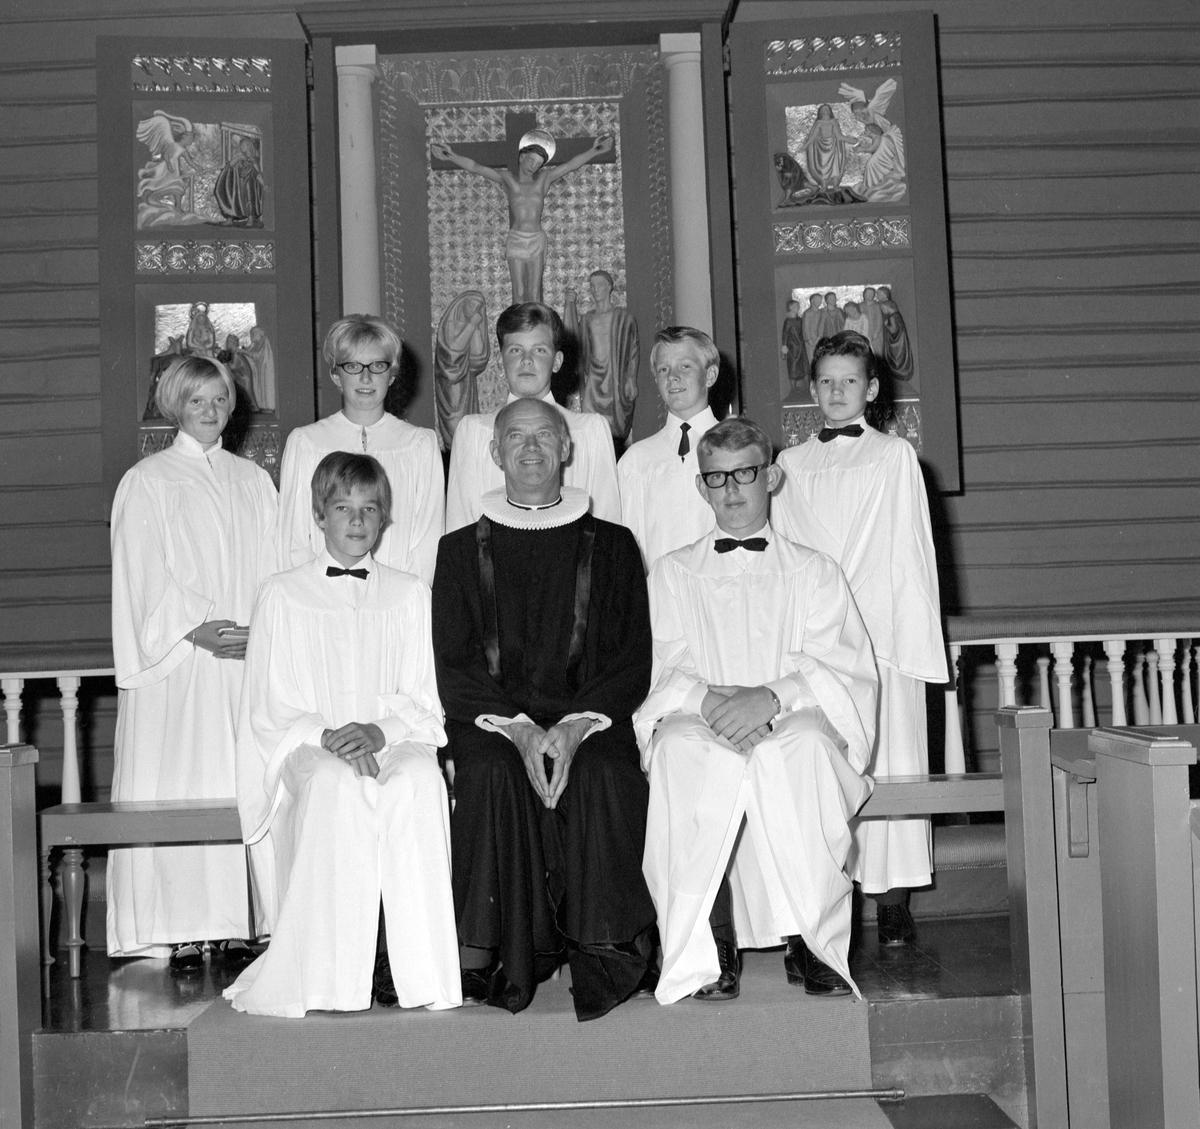 Konfirmanter i Helgøya kapell 1969.  1 rekke venstre: Frantz Kristian Raabe, Victor Andersen, Ole Høiby. 2 rekke venstre: Sofie Madsen, Elin Gustavsen, Geir Korsgård, Per Ragnar Pedersen, Pål Slåttsveen.